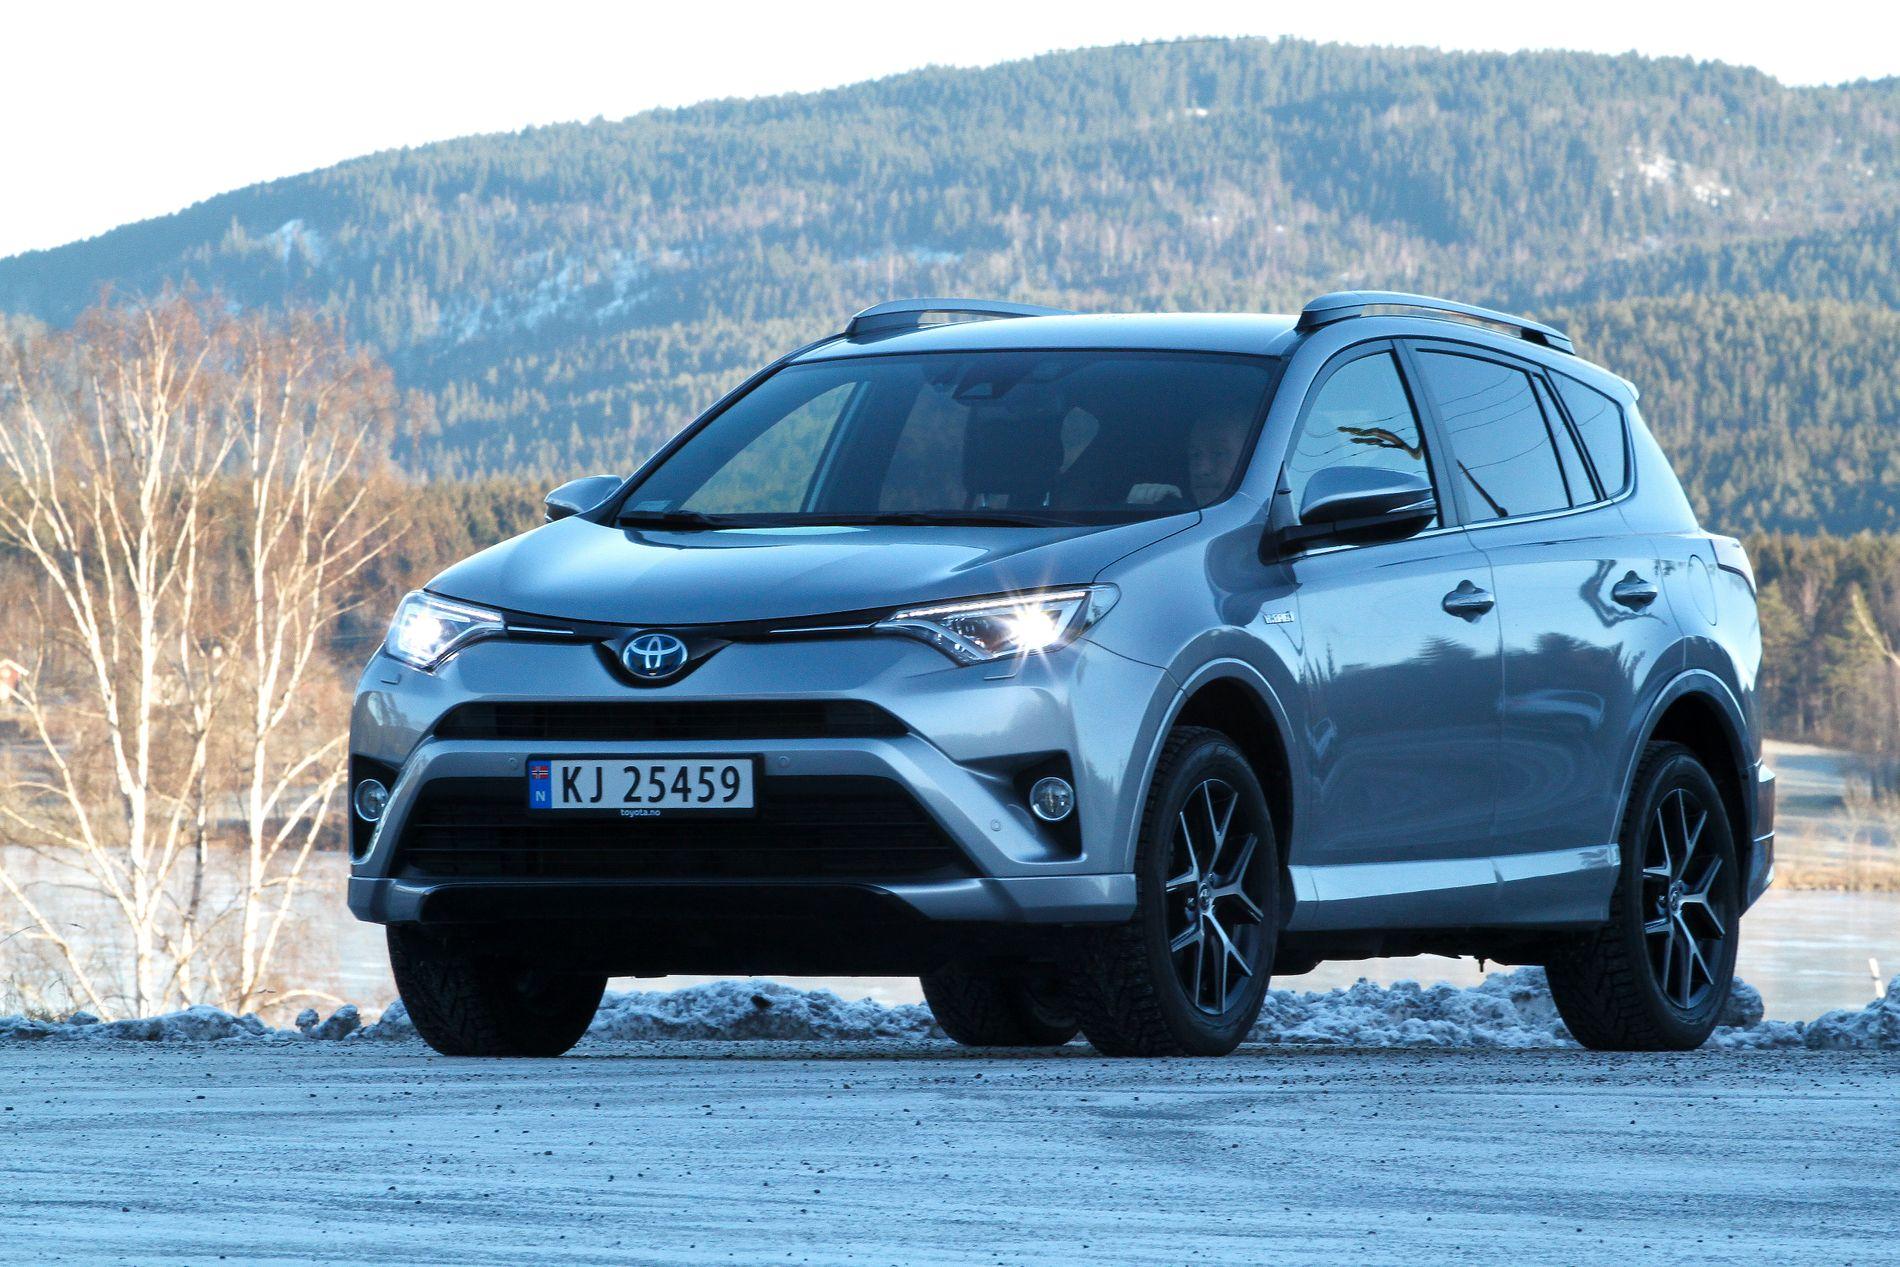 OPP I AVGIFT: Toyota RAV4 Hybrid er en av de folkelige bilene som rammes med høyere avgift i det nye forslaget til statsbudsjett.